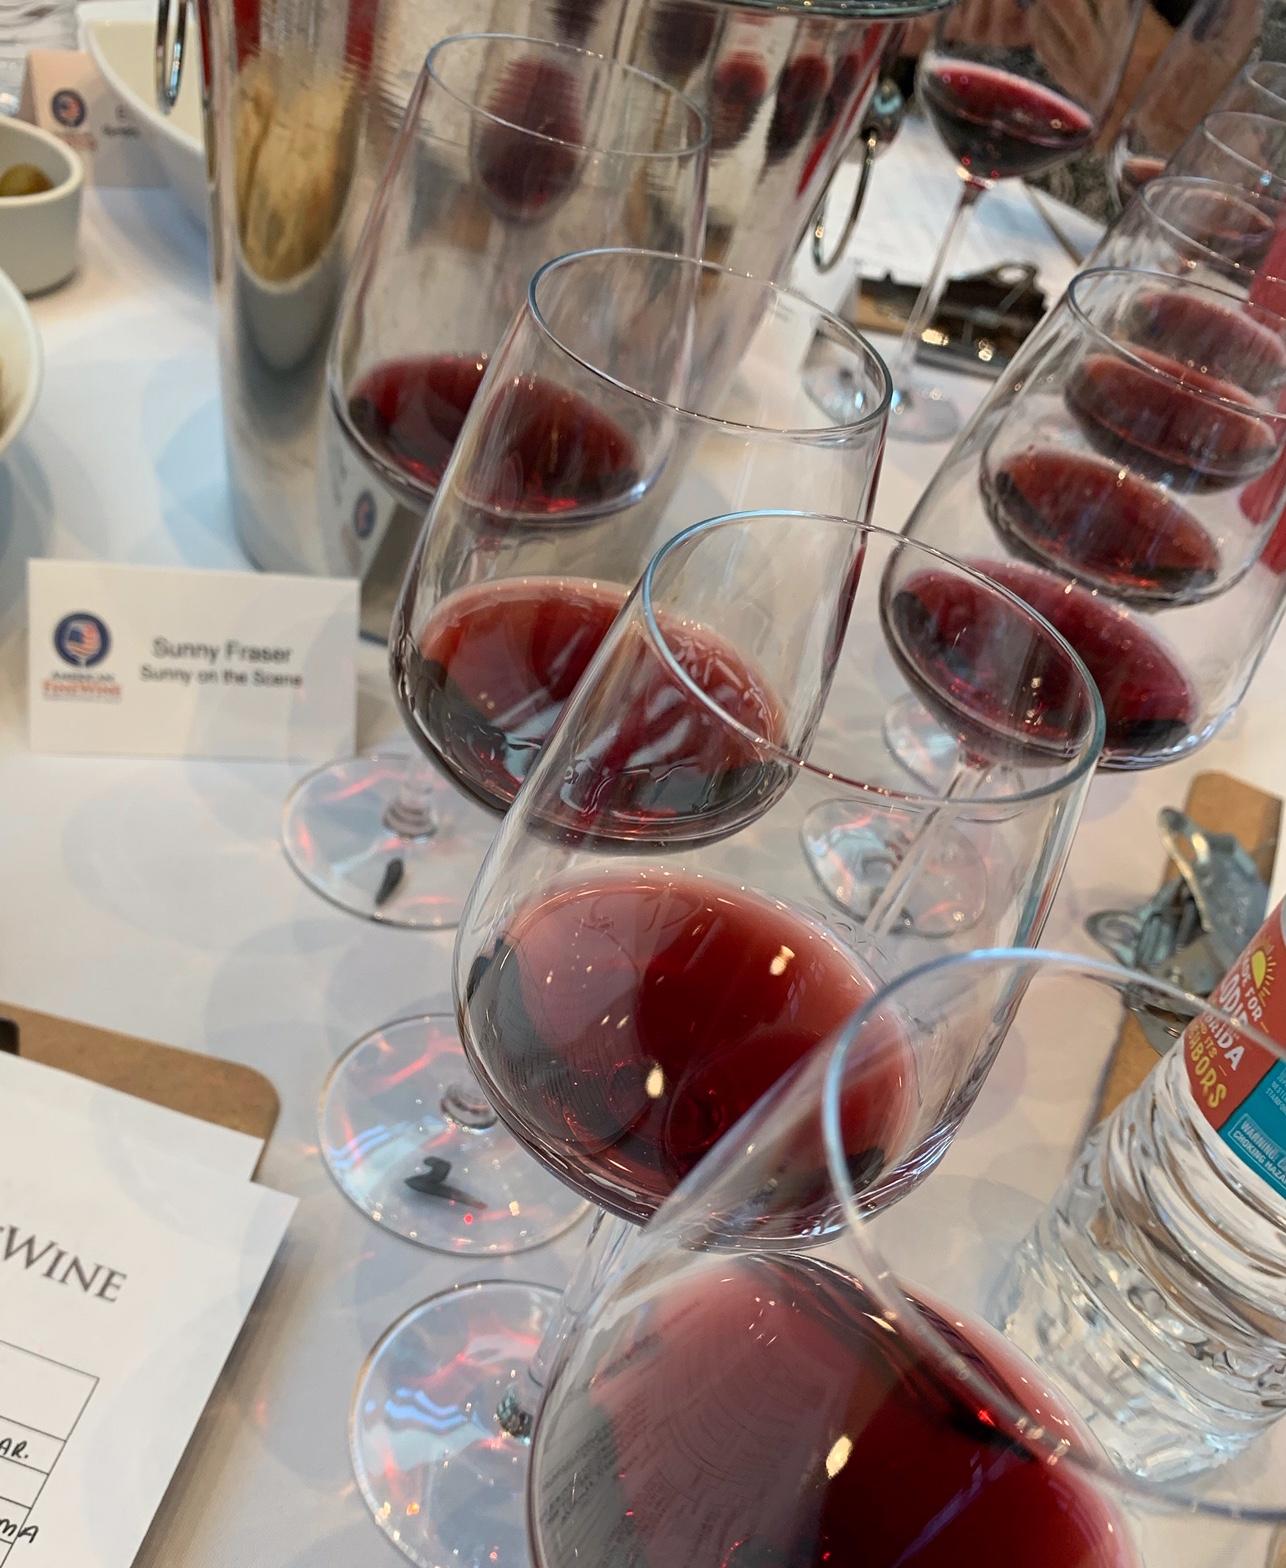 Wine flight set-up